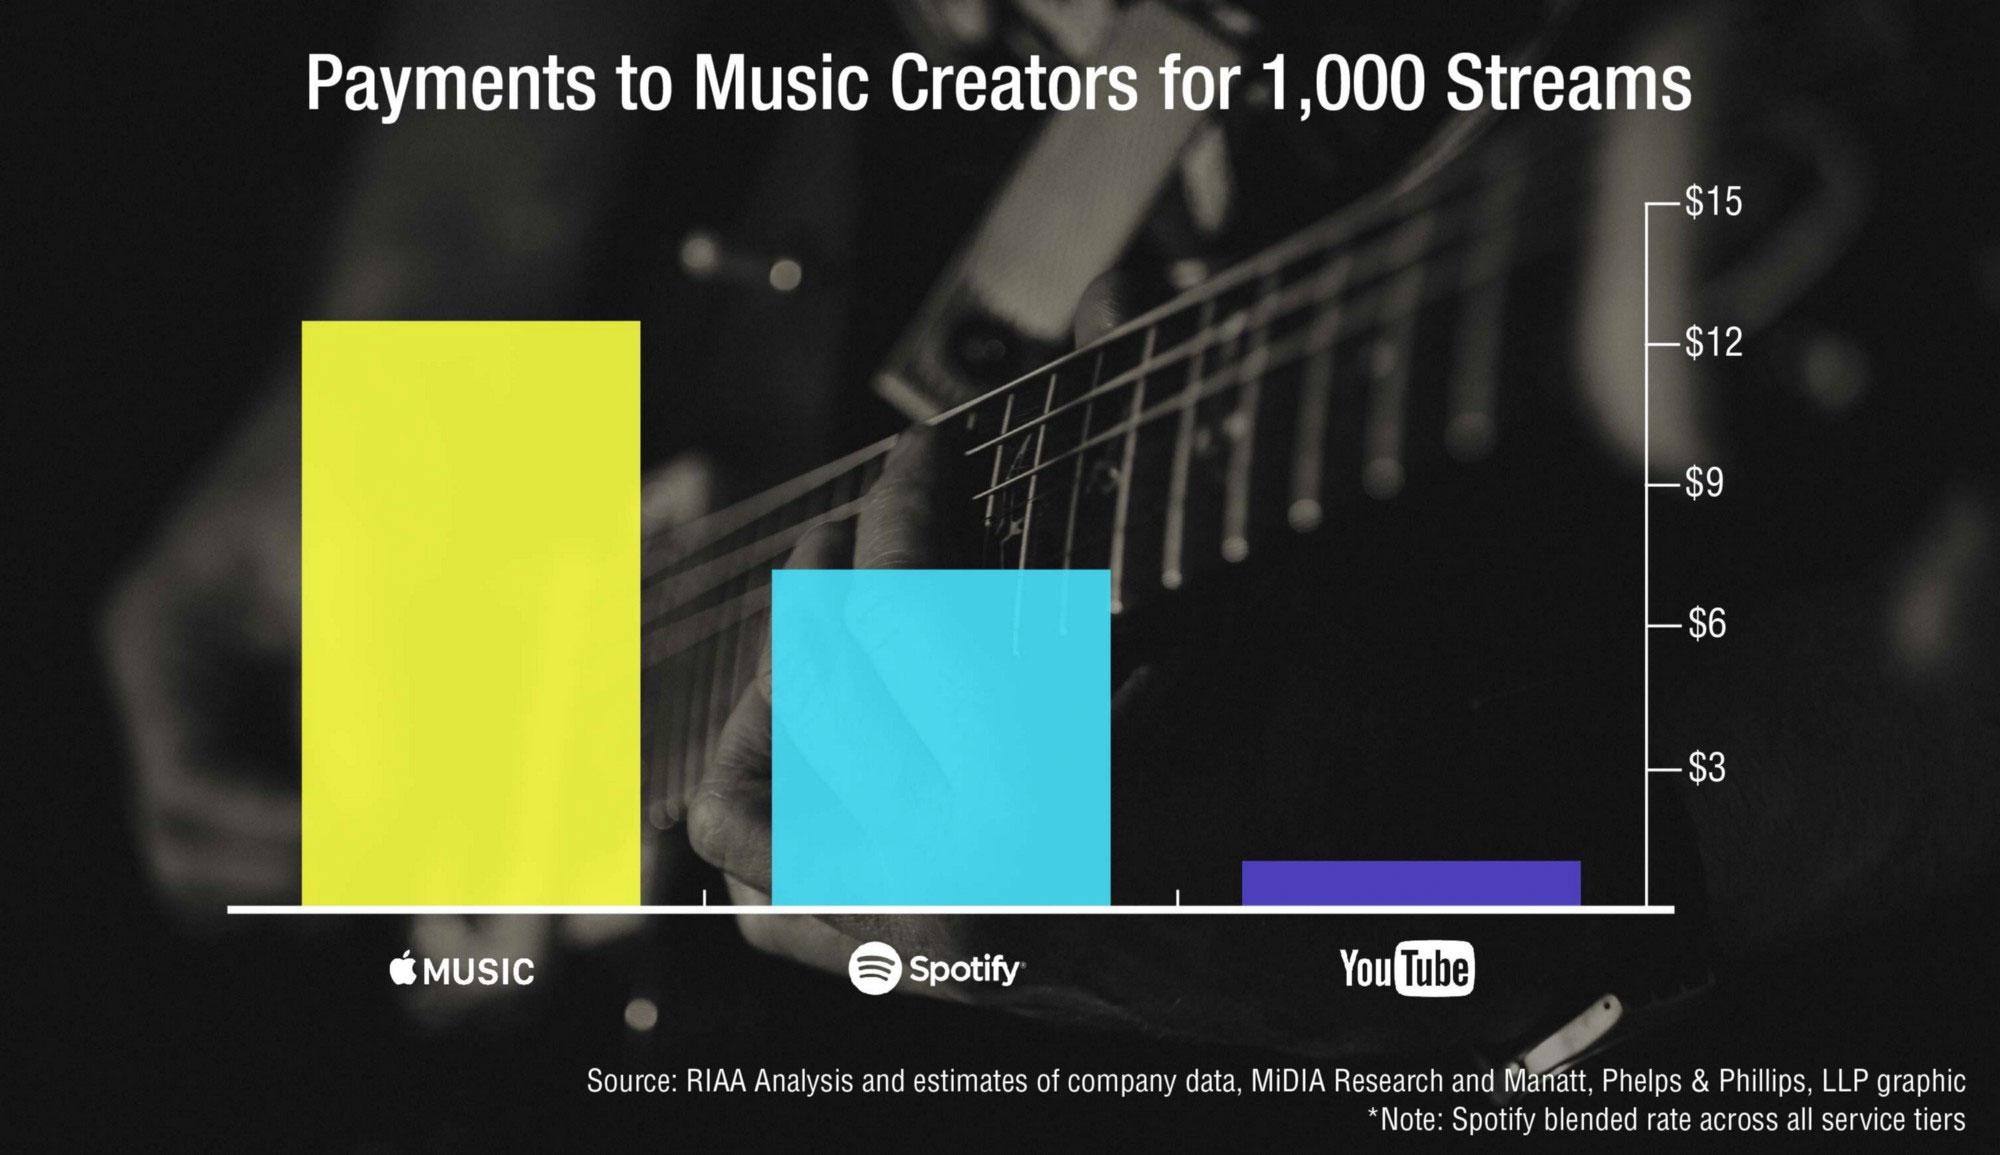 Pagos de música vía streaming incluso el año 2017